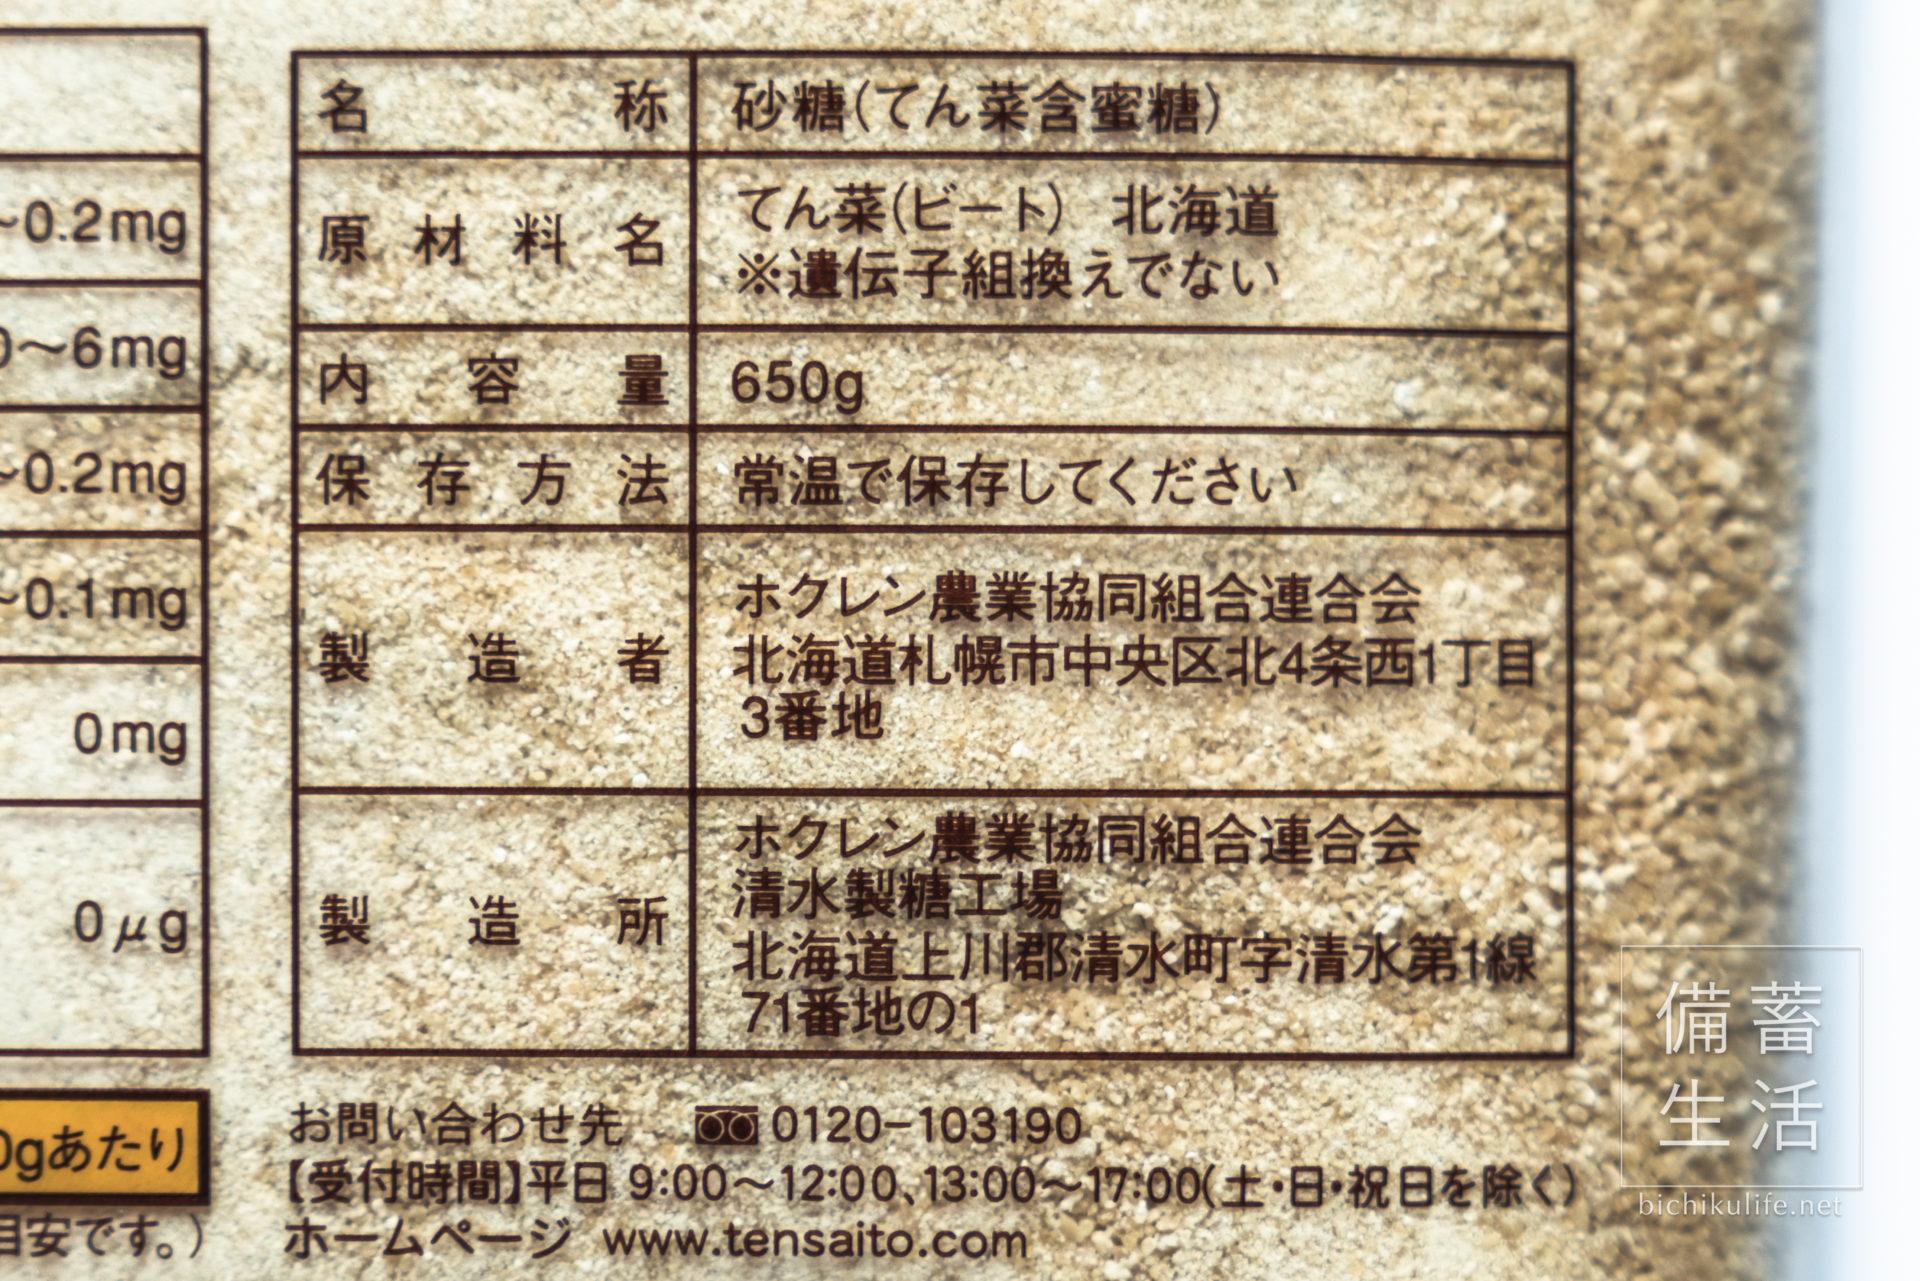 ホクレン 北海道産 てんさい糖の商品概要